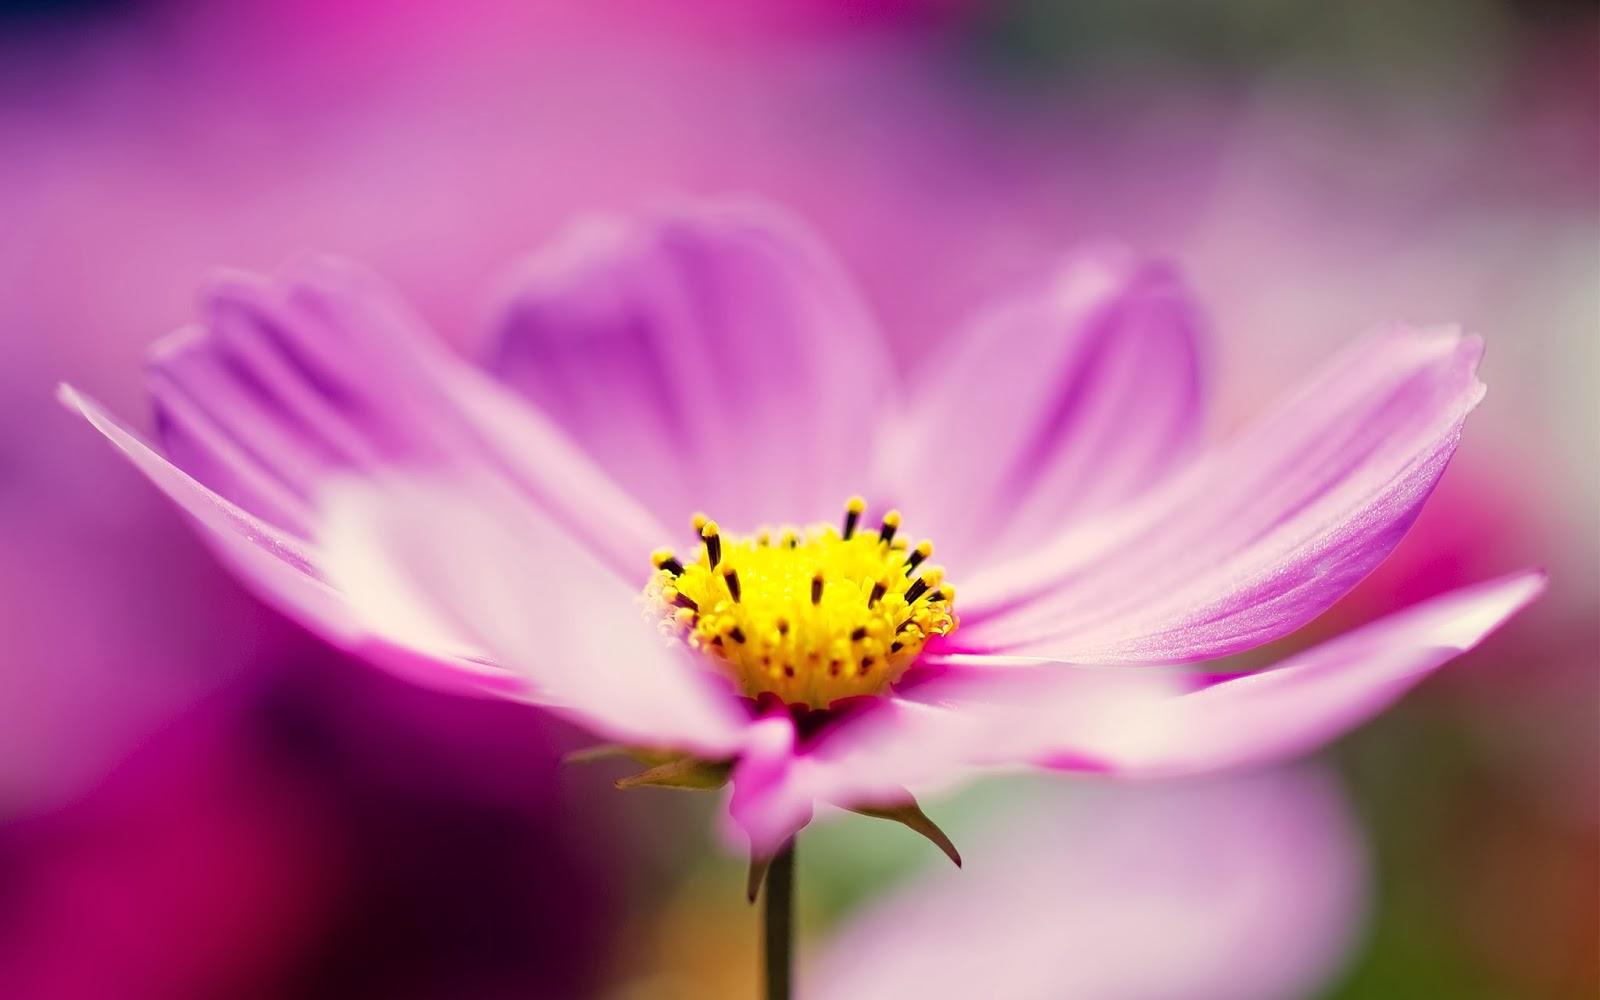 """<img src=""""http://1.bp.blogspot.com/-ixT7l1rzQK8/UuzJKVQGLNI/AAAAAAAAKyw/k0sqjtuDzyA/s1600/purple-flower-wallpaper.jpg"""" alt=""""purple flower wallpaper"""" />"""